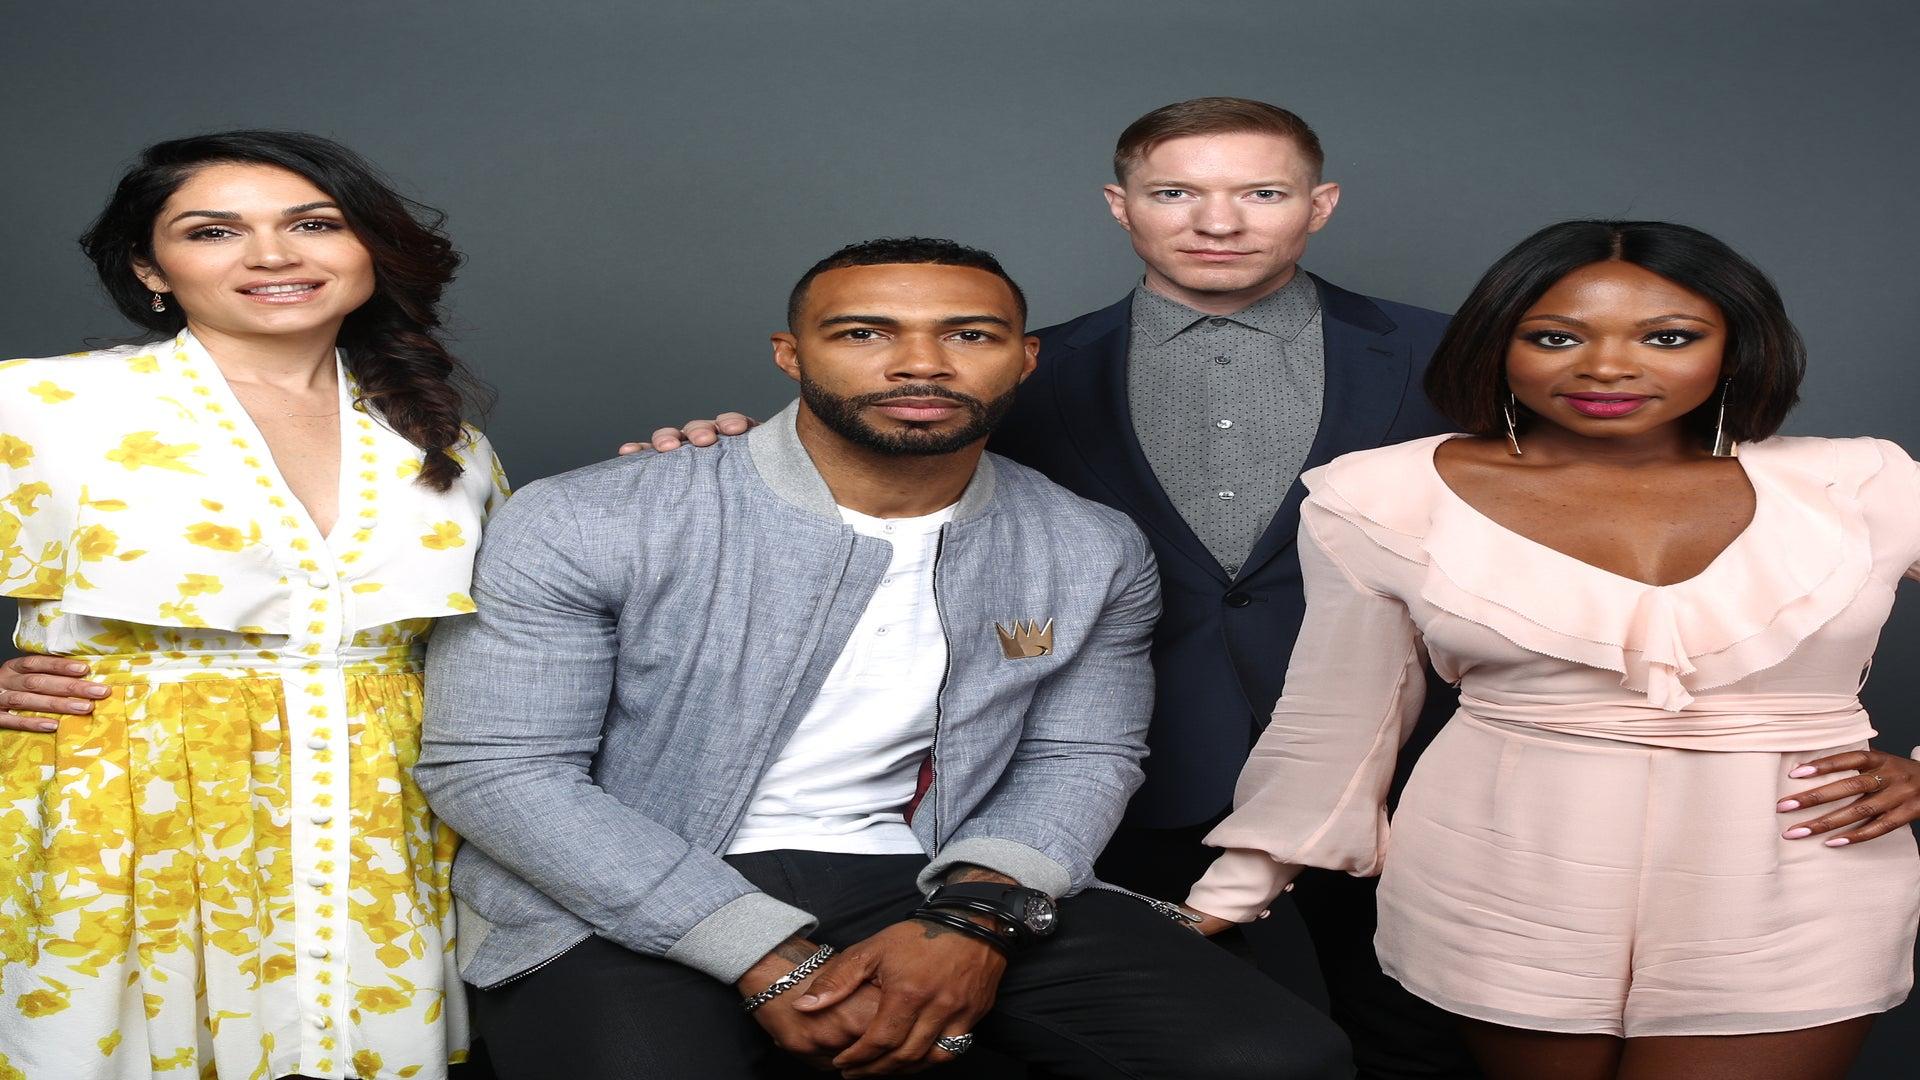 'Power' Cast Breaks Silence On Passing Of Crew Member